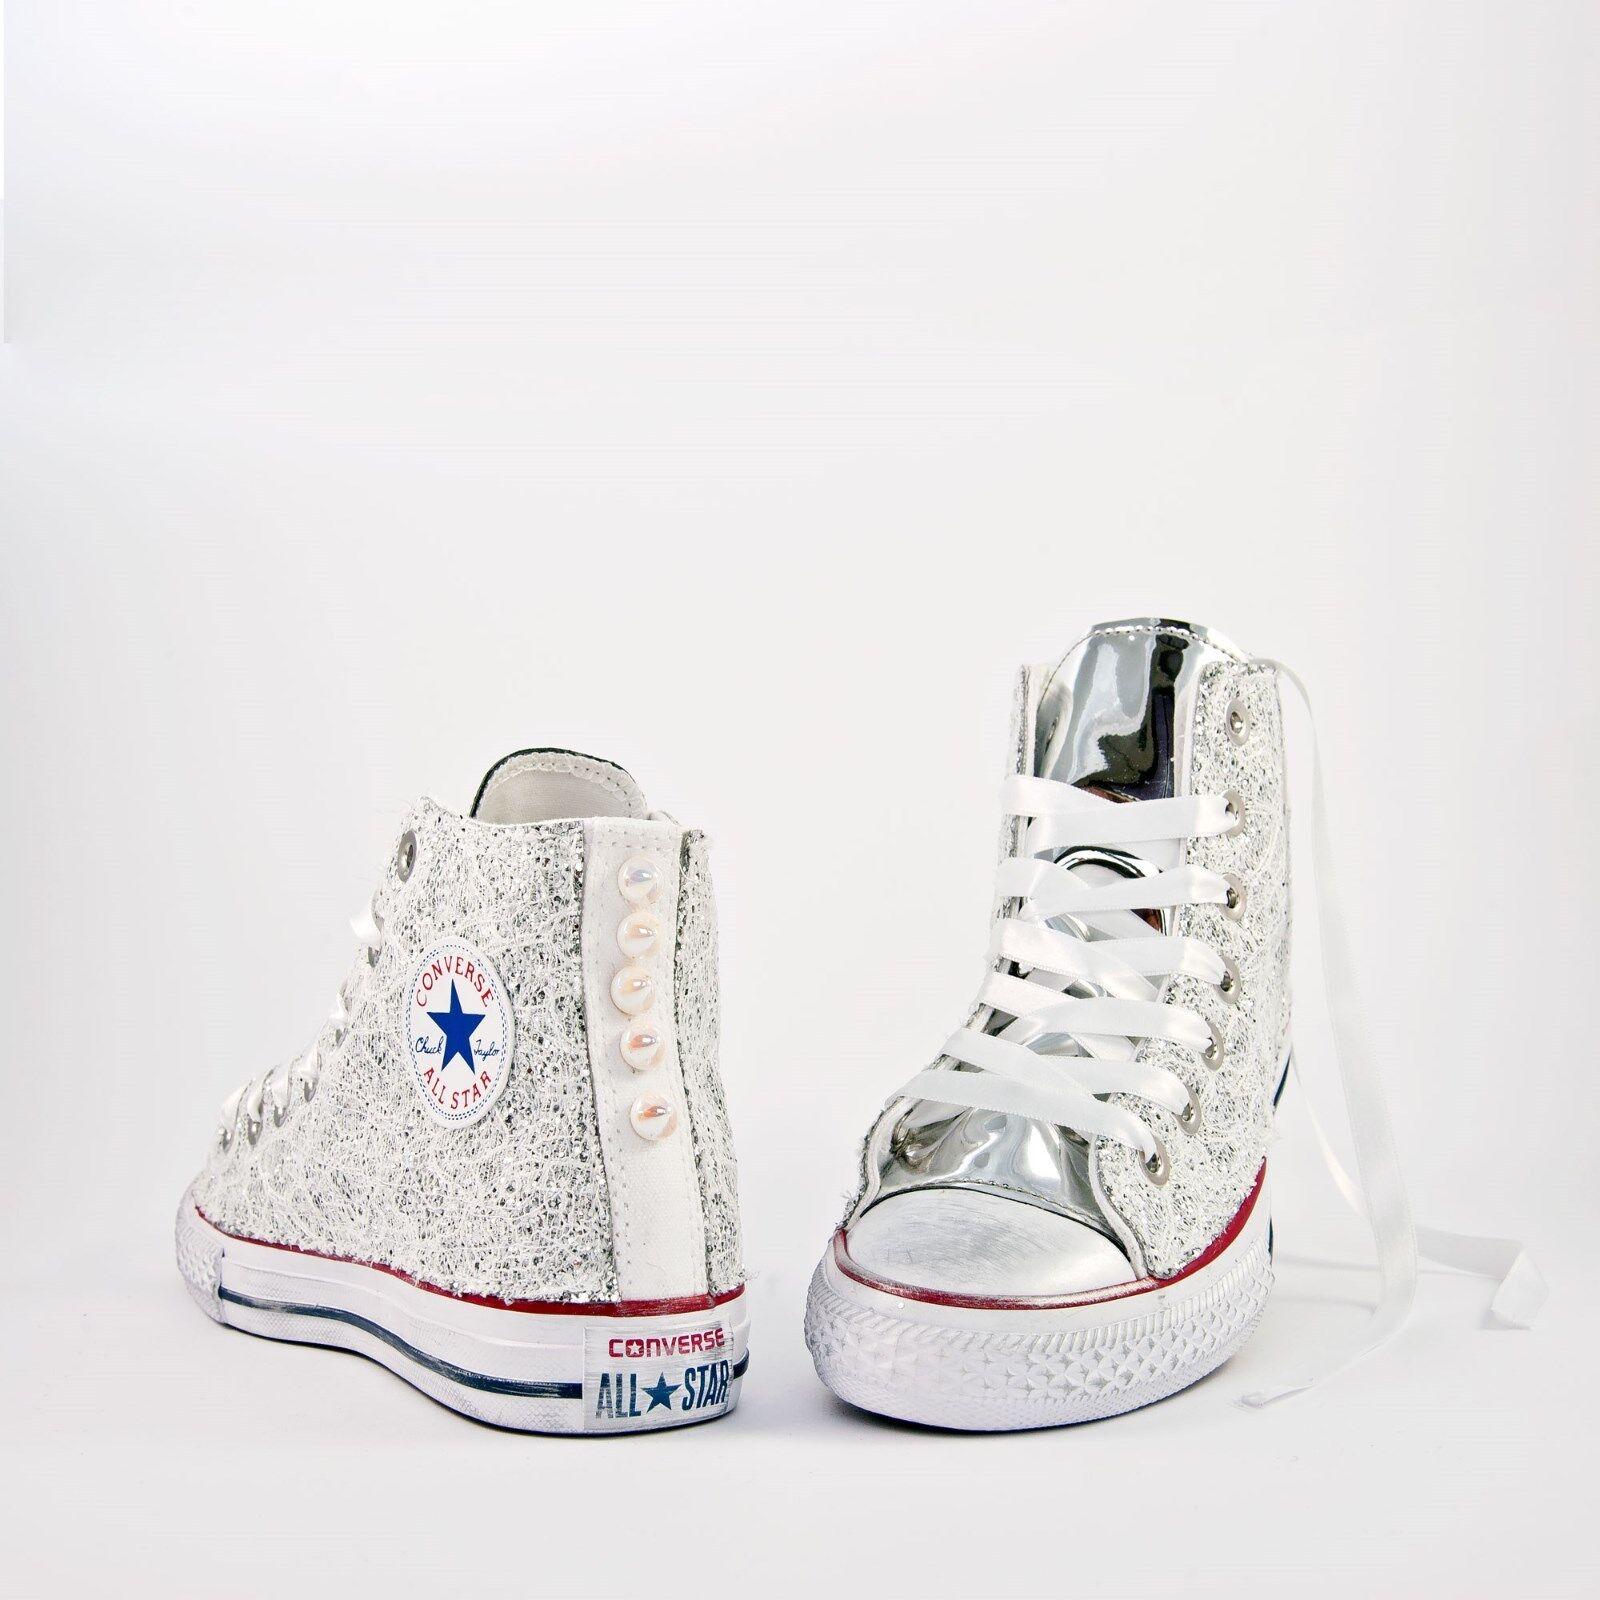 Converse All Star mit Silber-Glitter Spitze und Weiß Verspiegeltes Glas Mehr '